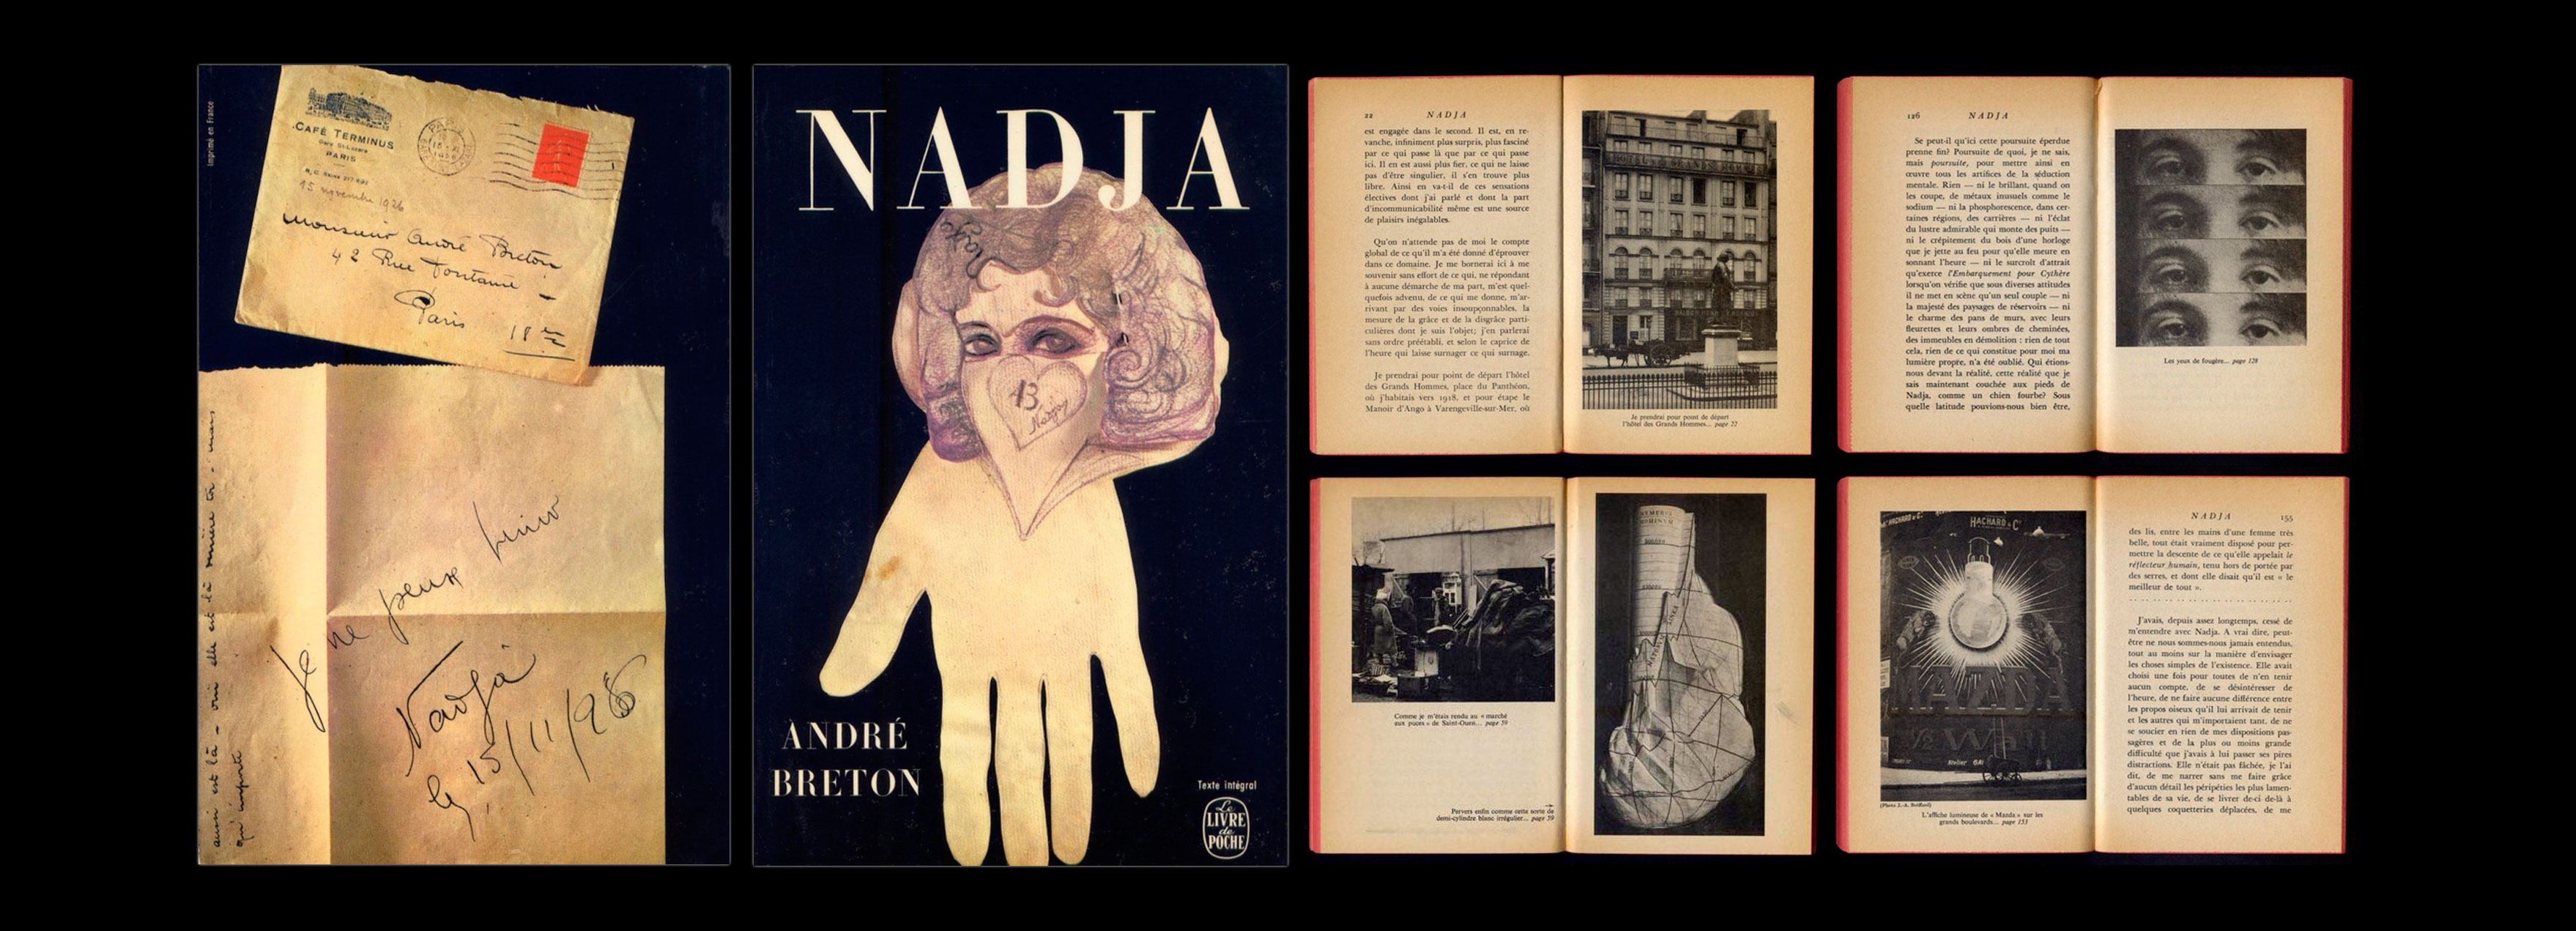 Pierre-Faucheux-couverture-Andre-Breton-Nadja-Livre-de-Poche-1964